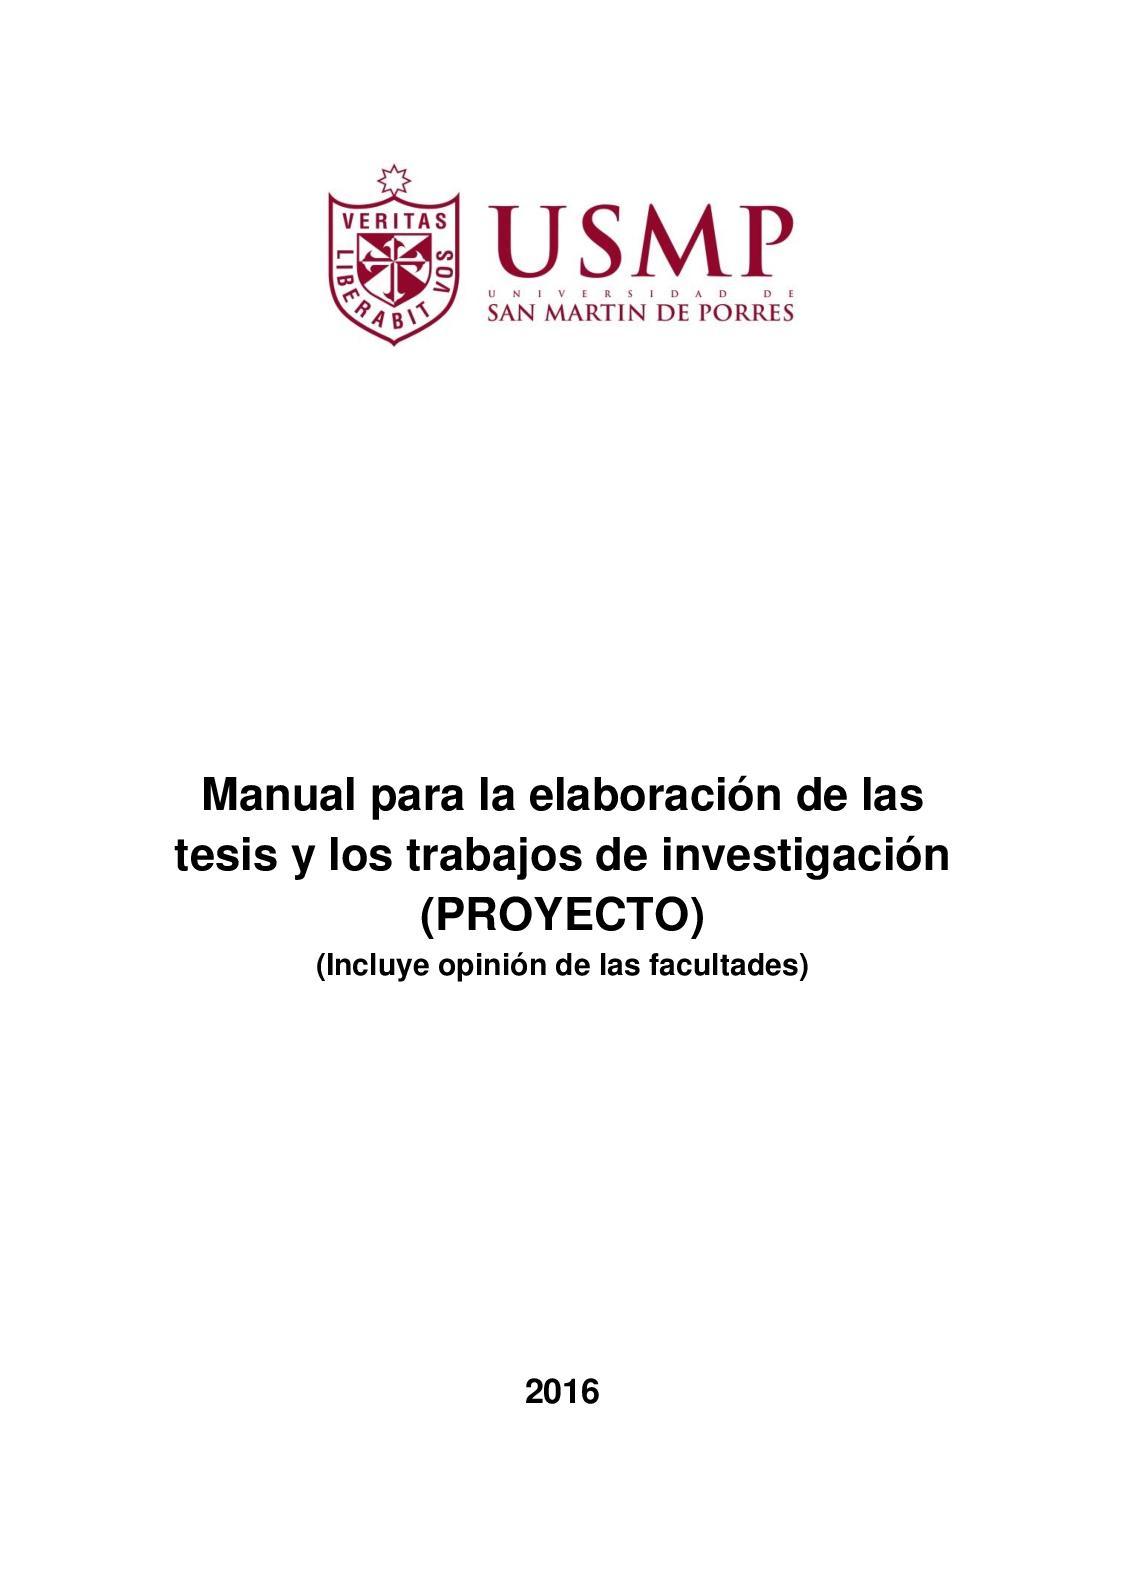 Manual Elab Tesis Y Los Trab De Investigacion